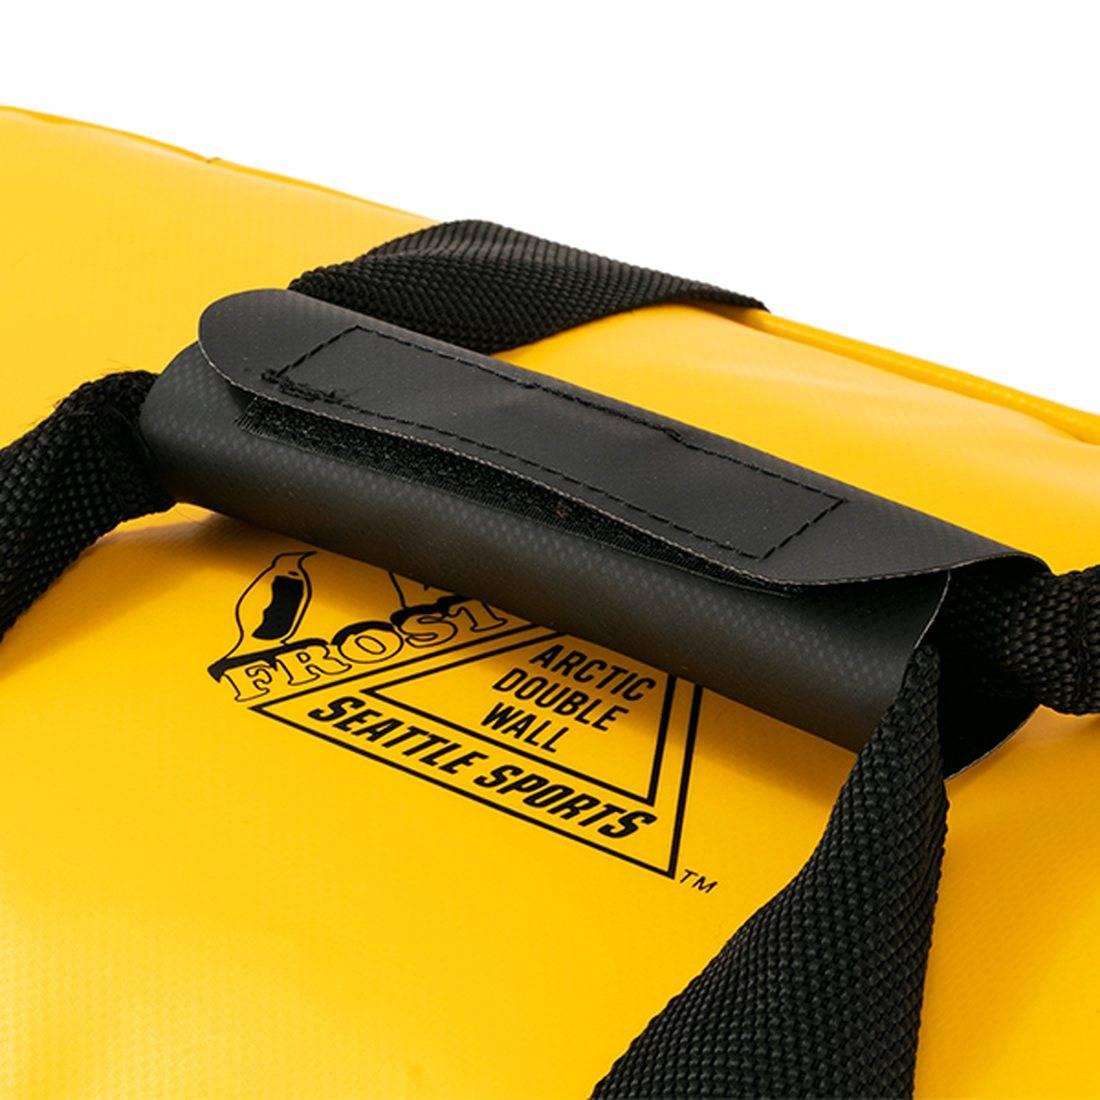 シアトルスポーツ フロストパック 40クォート UPDATEモデル ソフトクーラー 37L  国内正規品